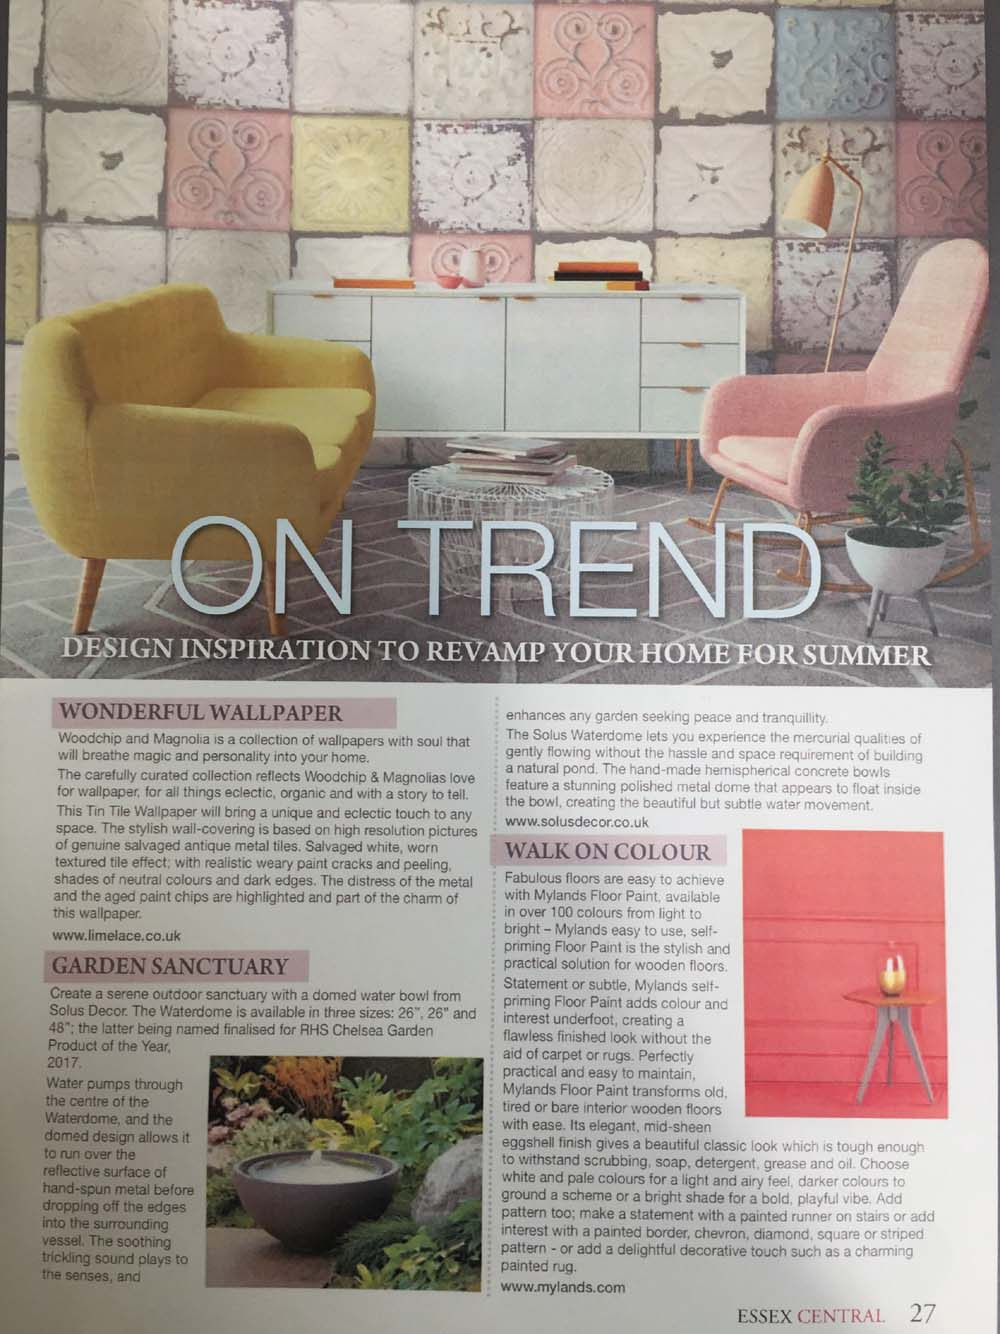 Essex Central Magazine